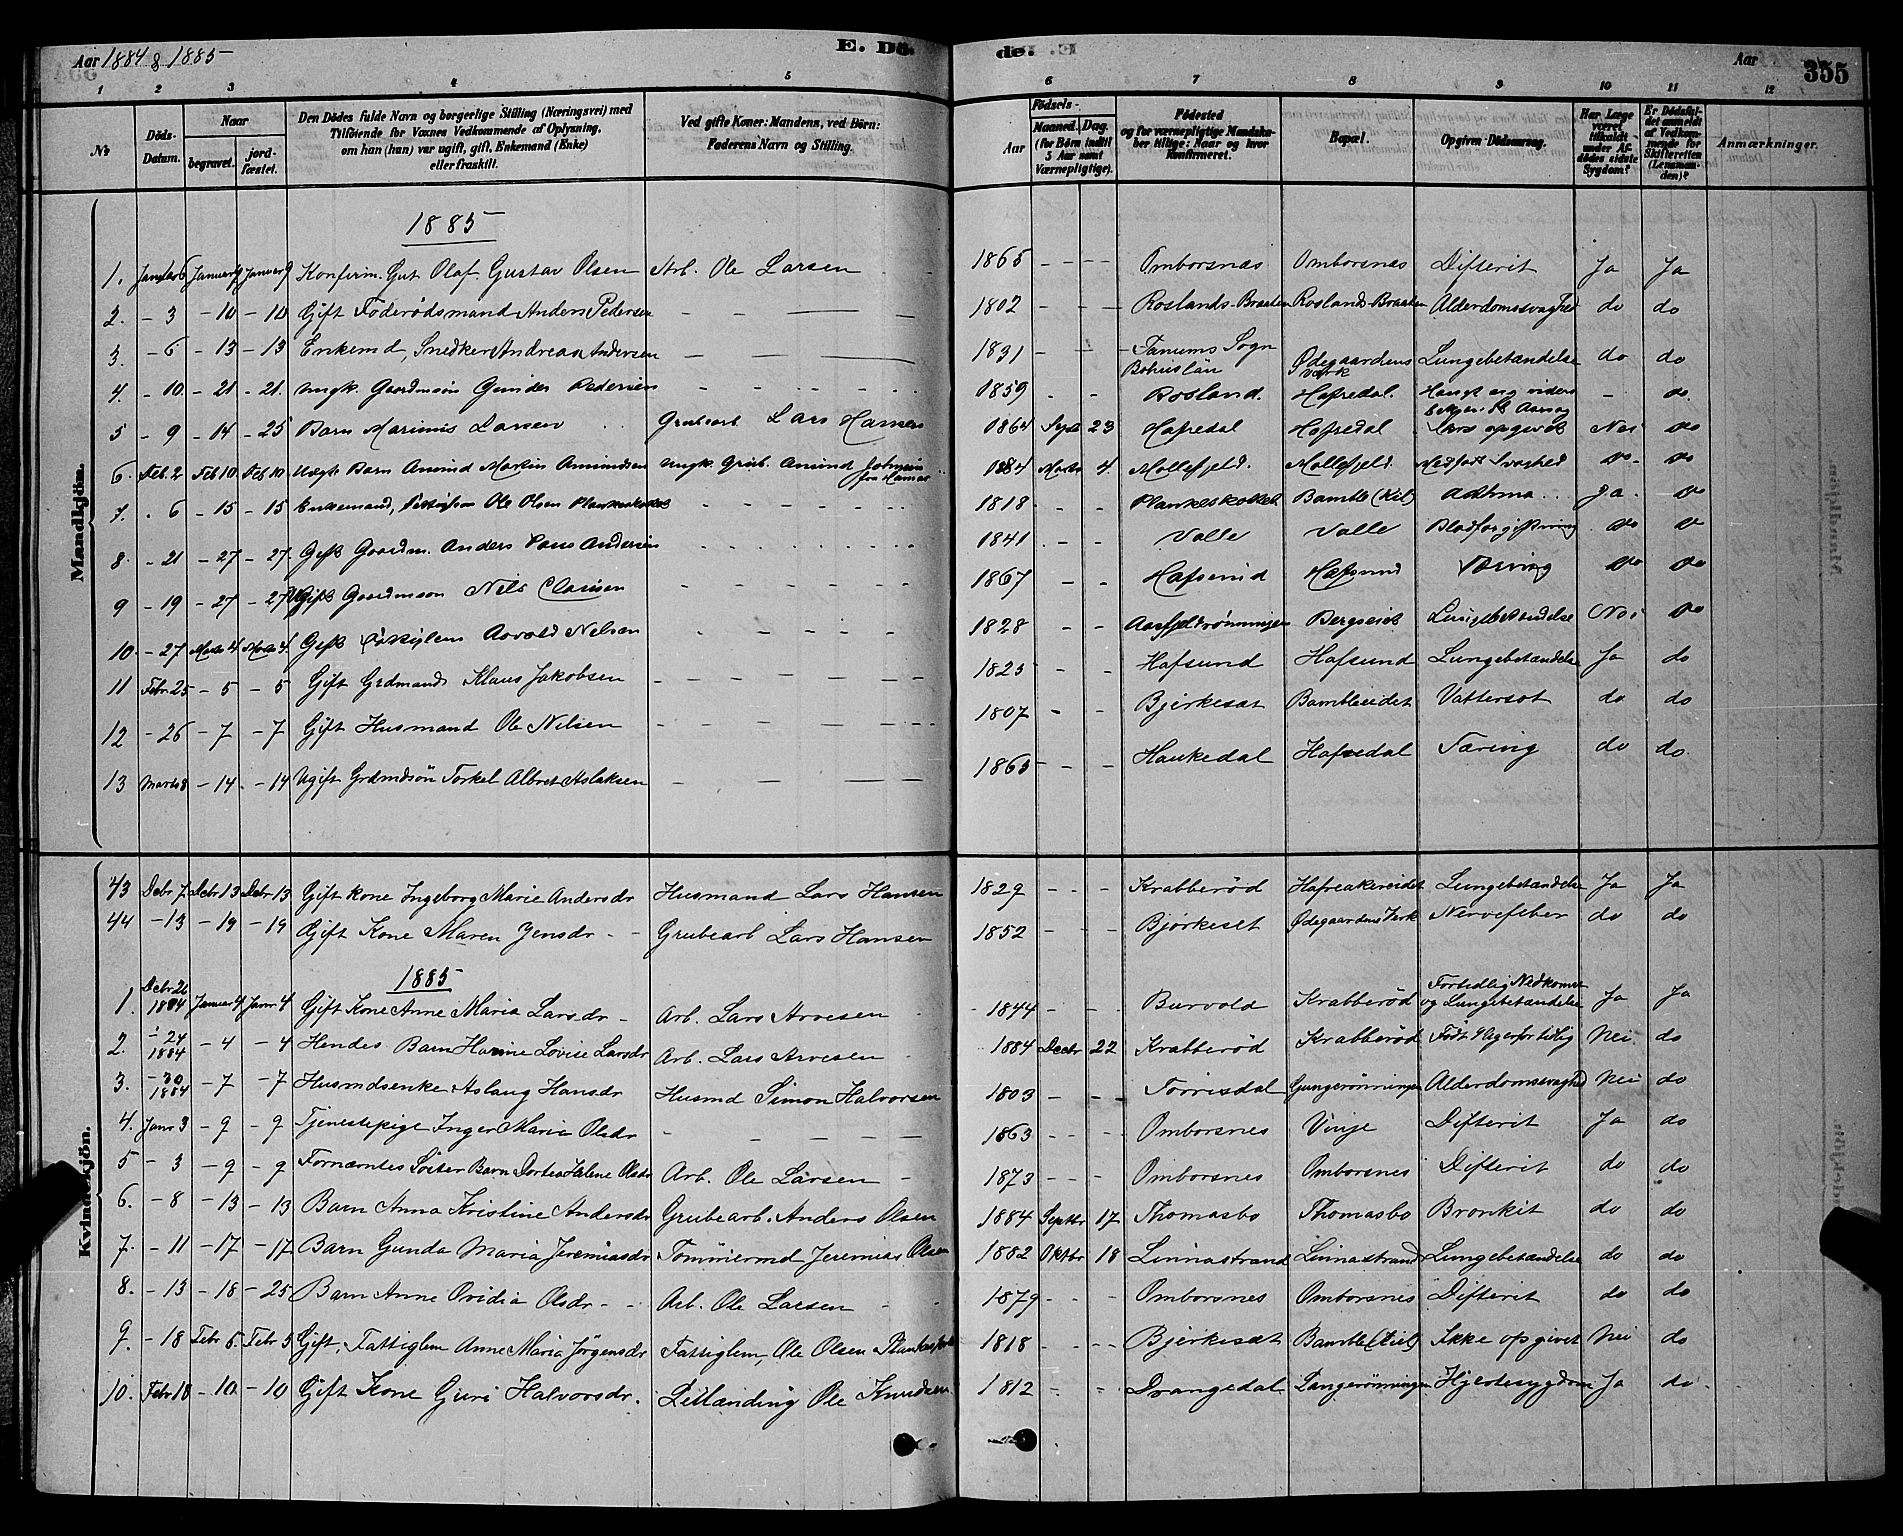 SAKO, Bamble kirkebøker, G/Ga/L0008: Klokkerbok nr. I 8, 1878-1888, s. 355